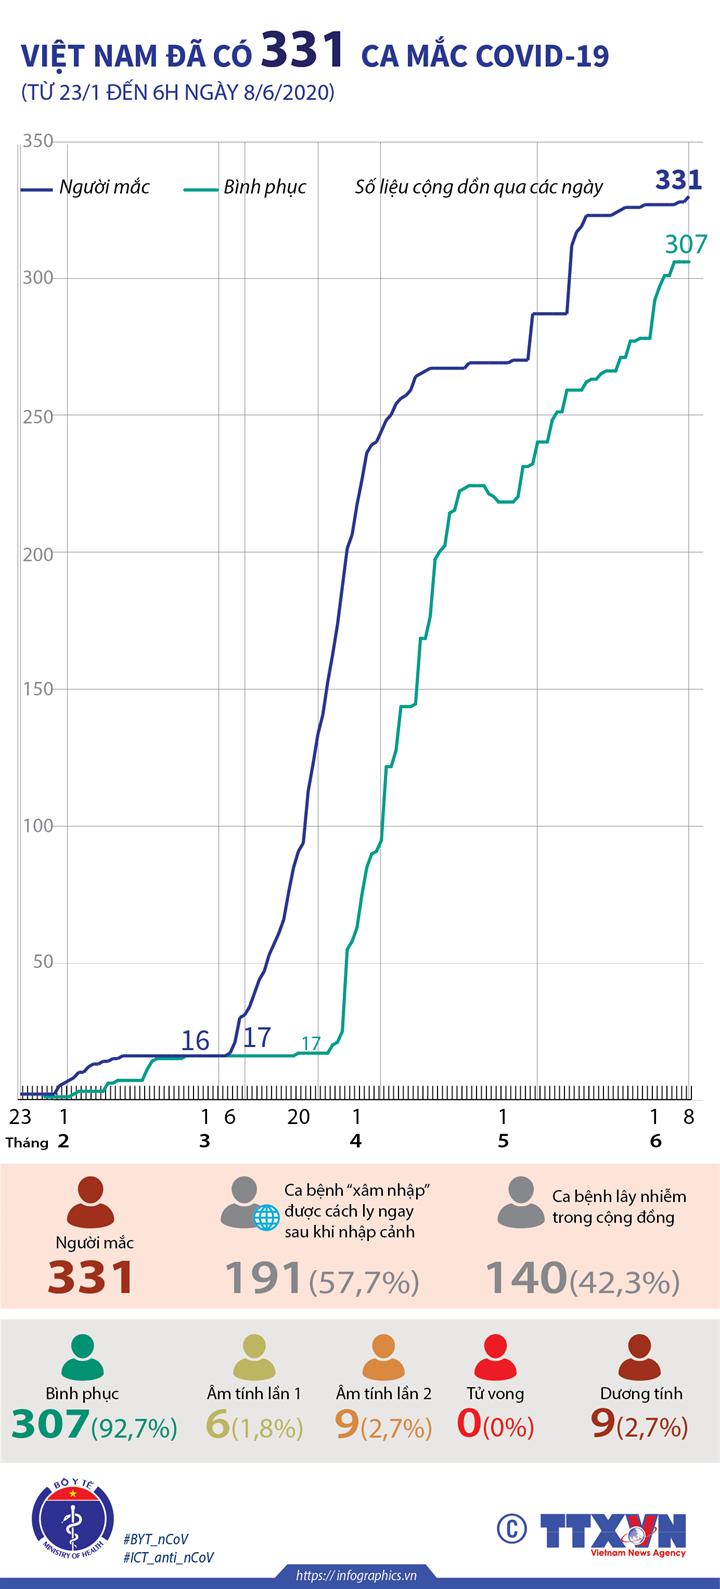 Việt Nam đã có 331 ca mắc COVID-19 (từ 23/1 đến 6h ngày 8/6/2020)